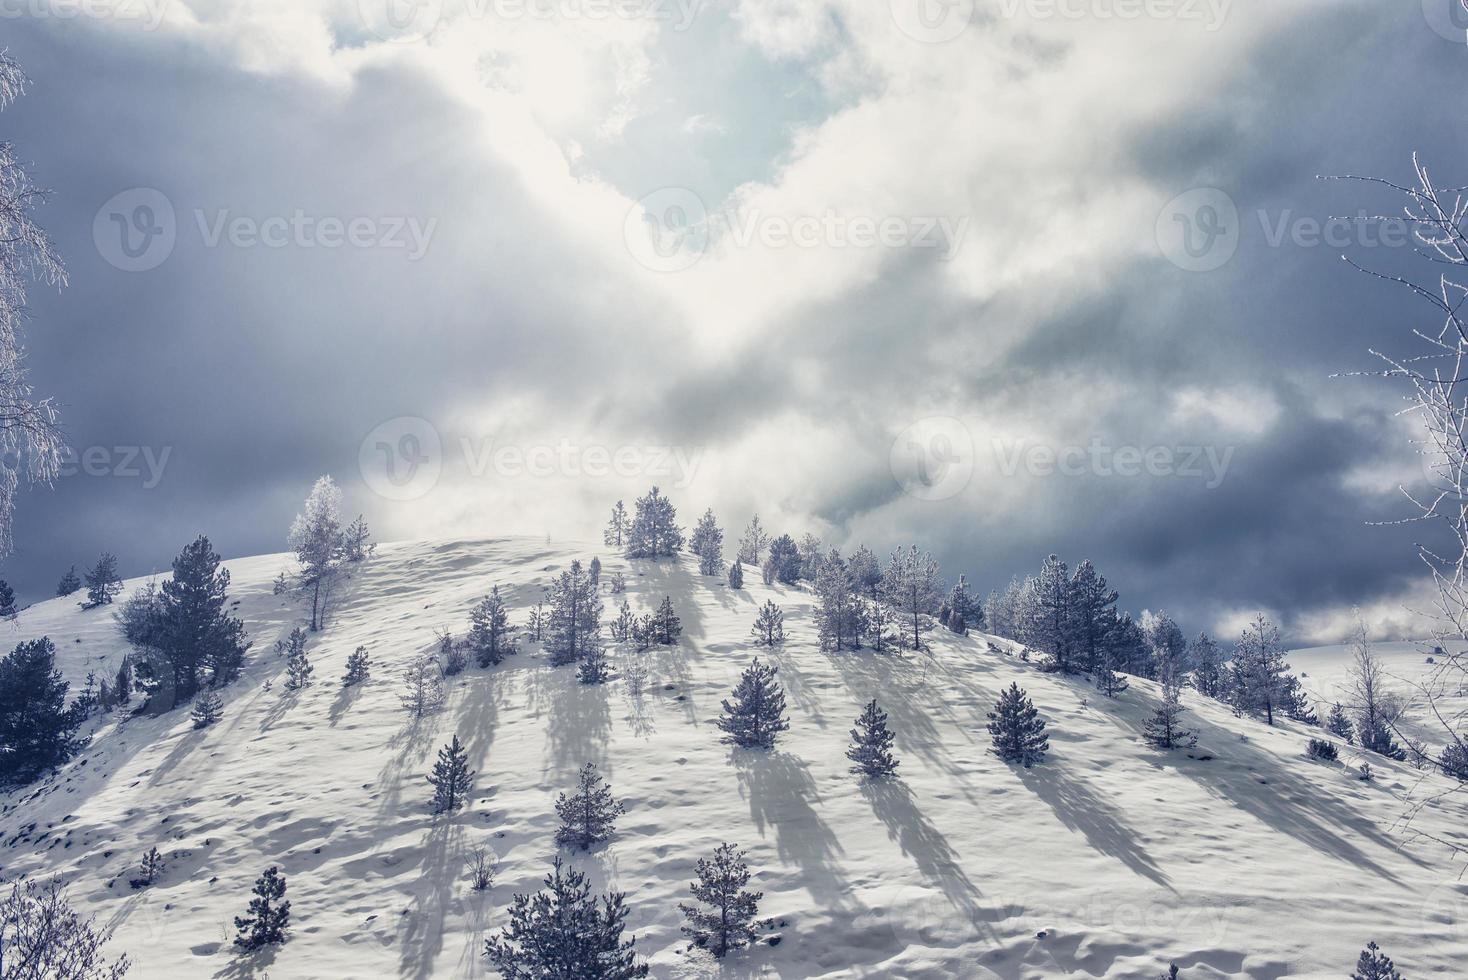 colina coberta de neve foto